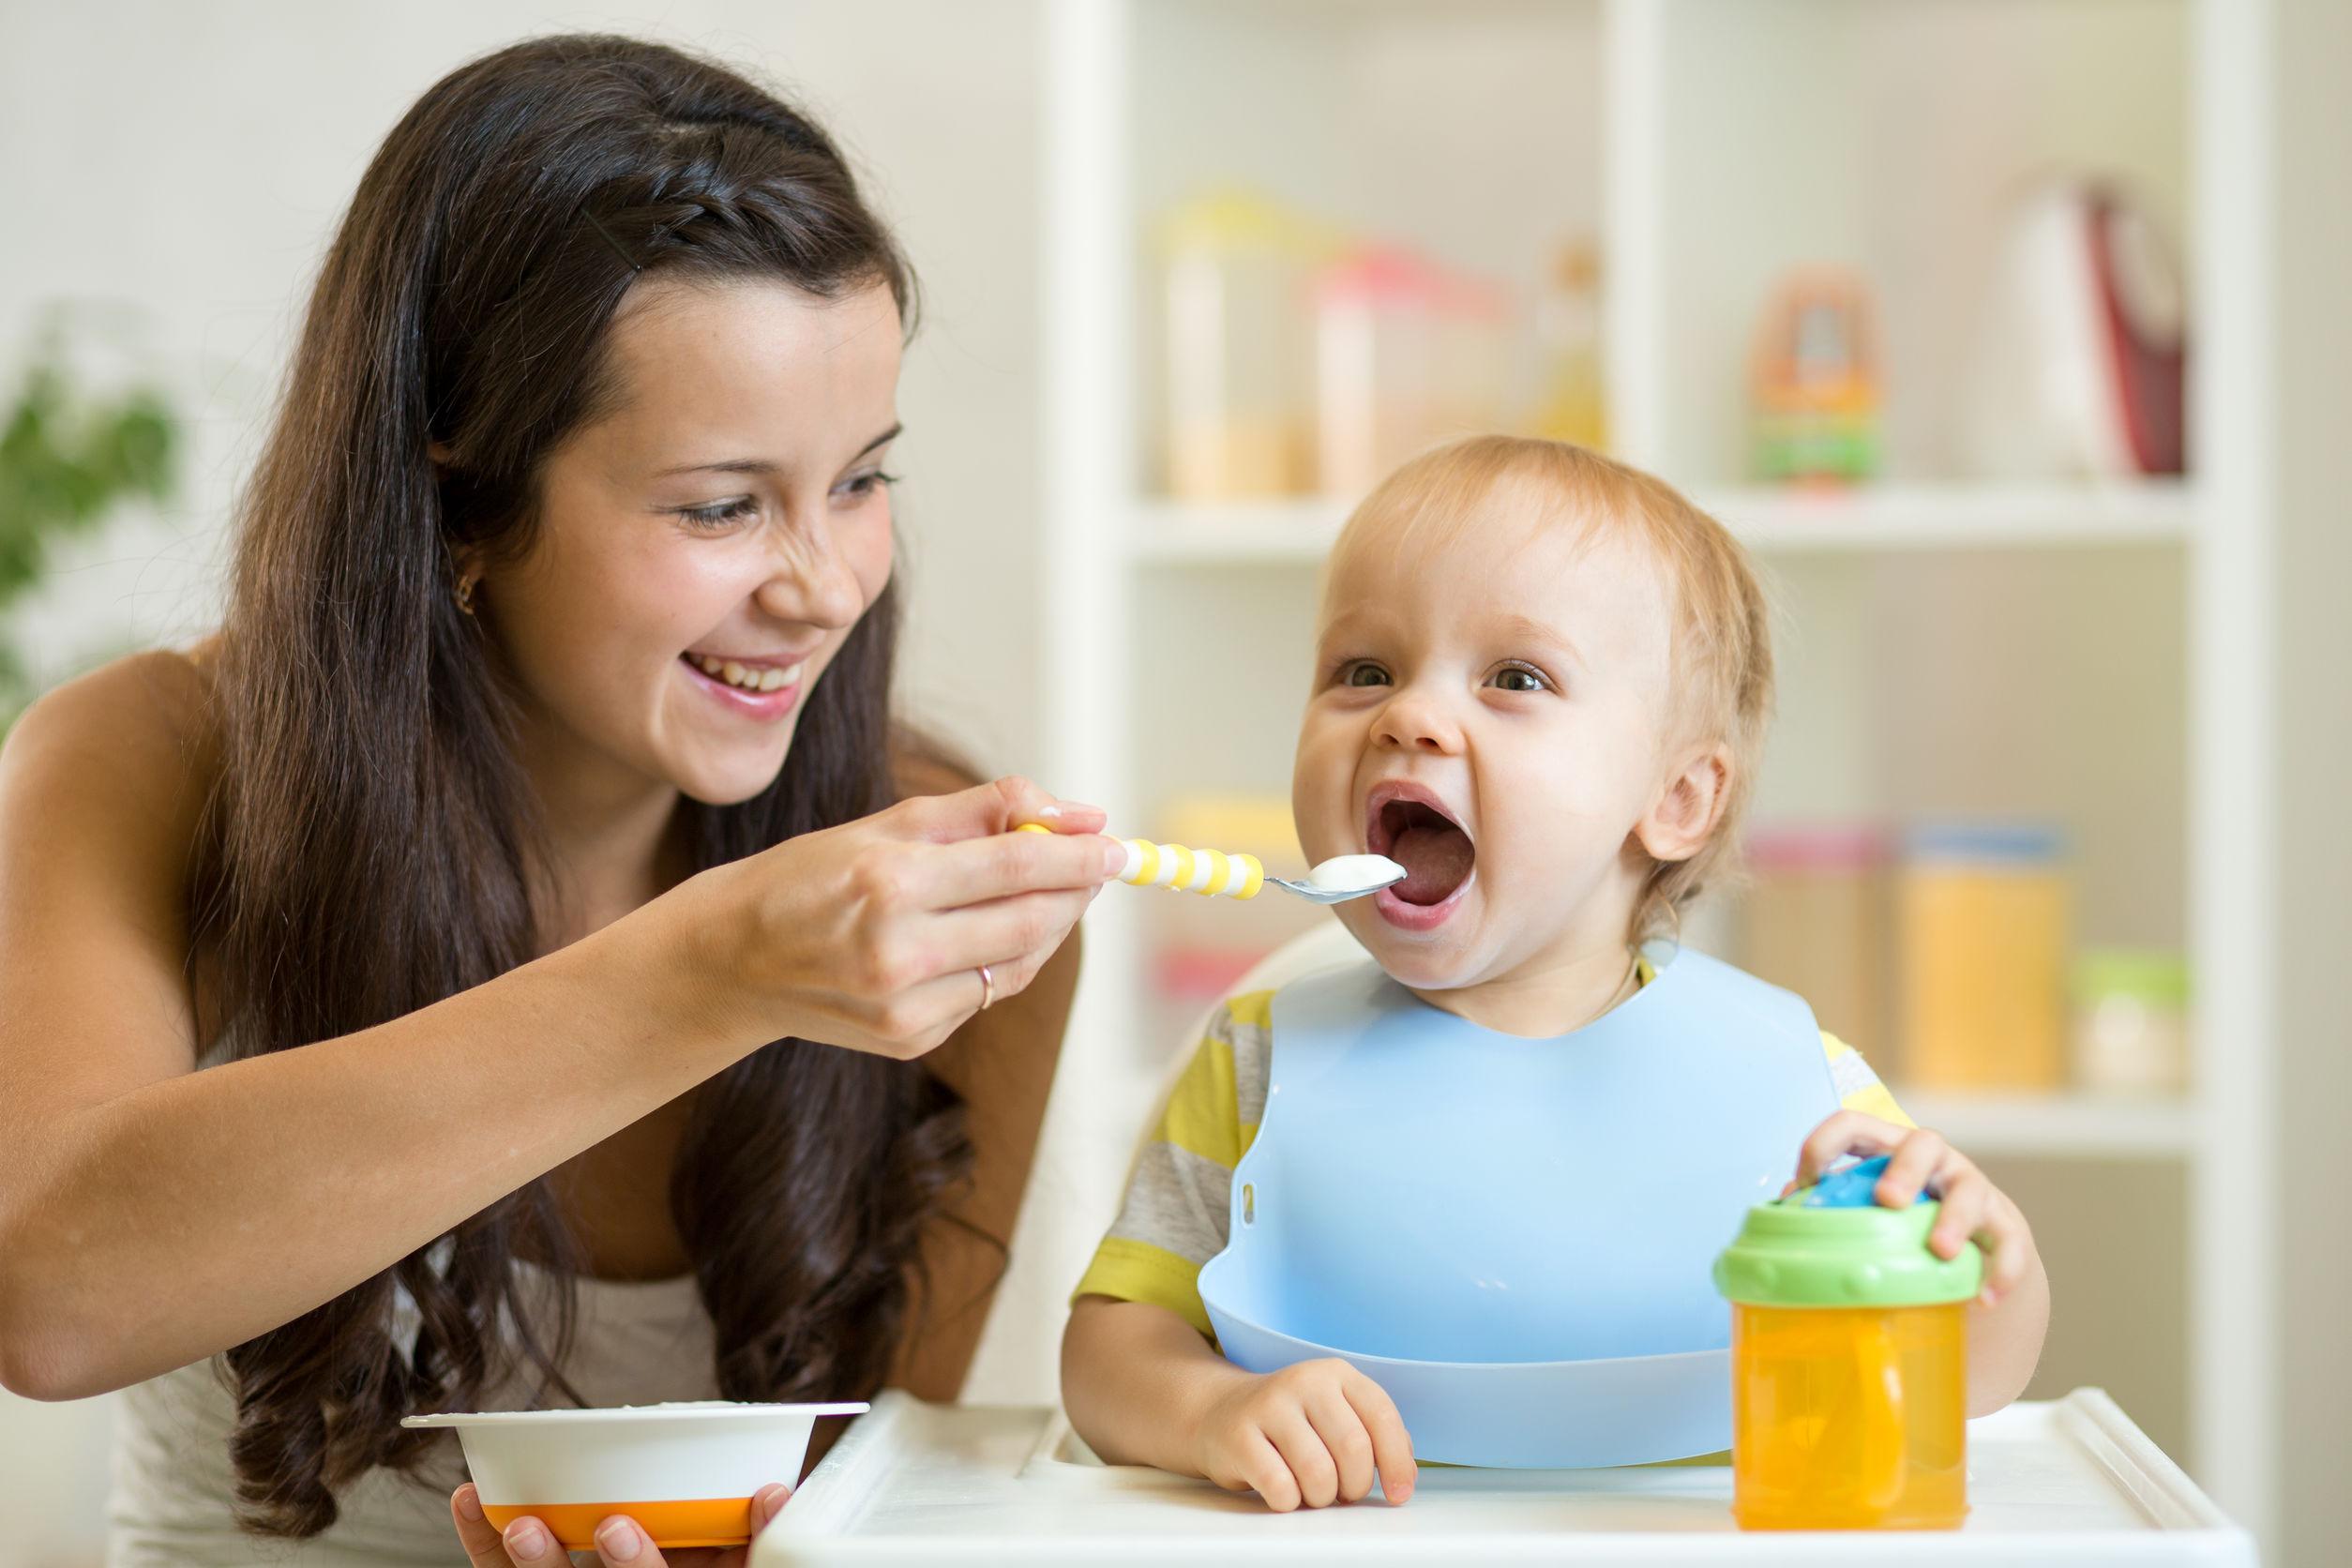 Nahrungsergänzungsmittel für Kinder: Test, Wirkung, Anwendung & Studien (04/21)